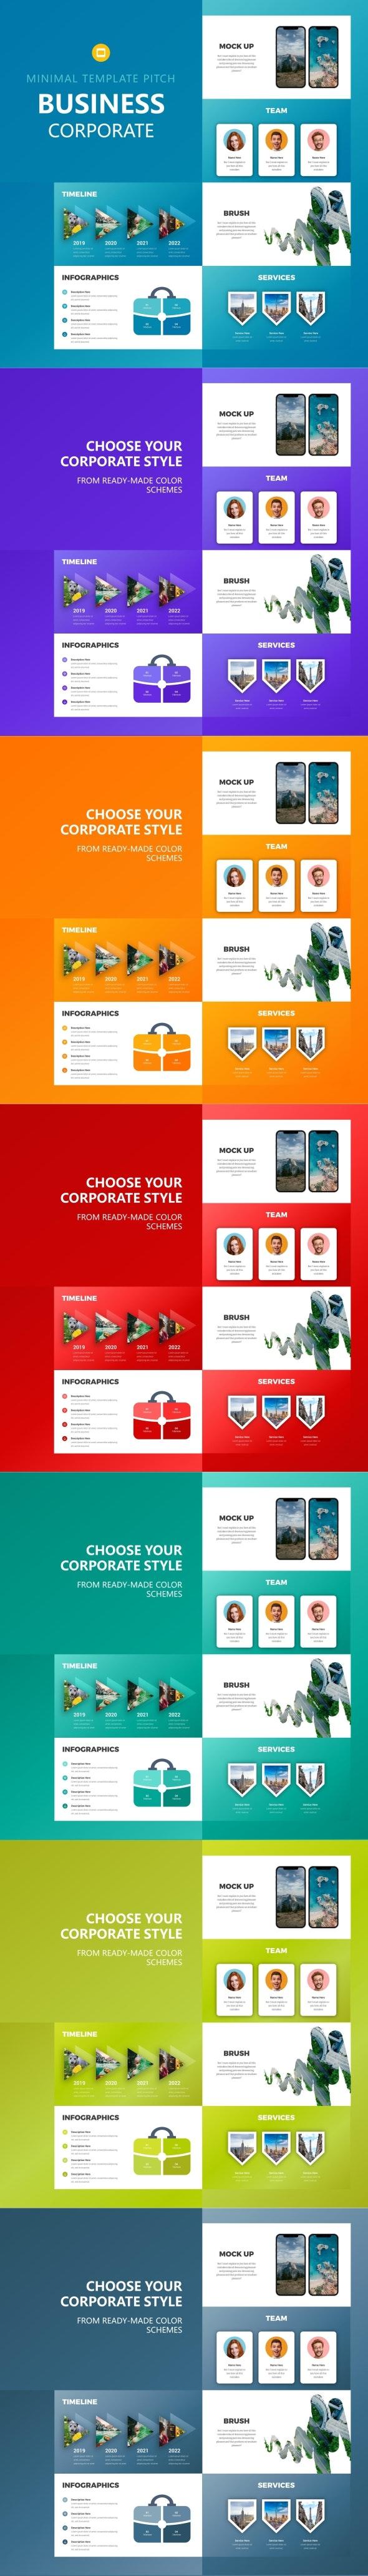 Business Google Slides - Google Slides Presentation Templates